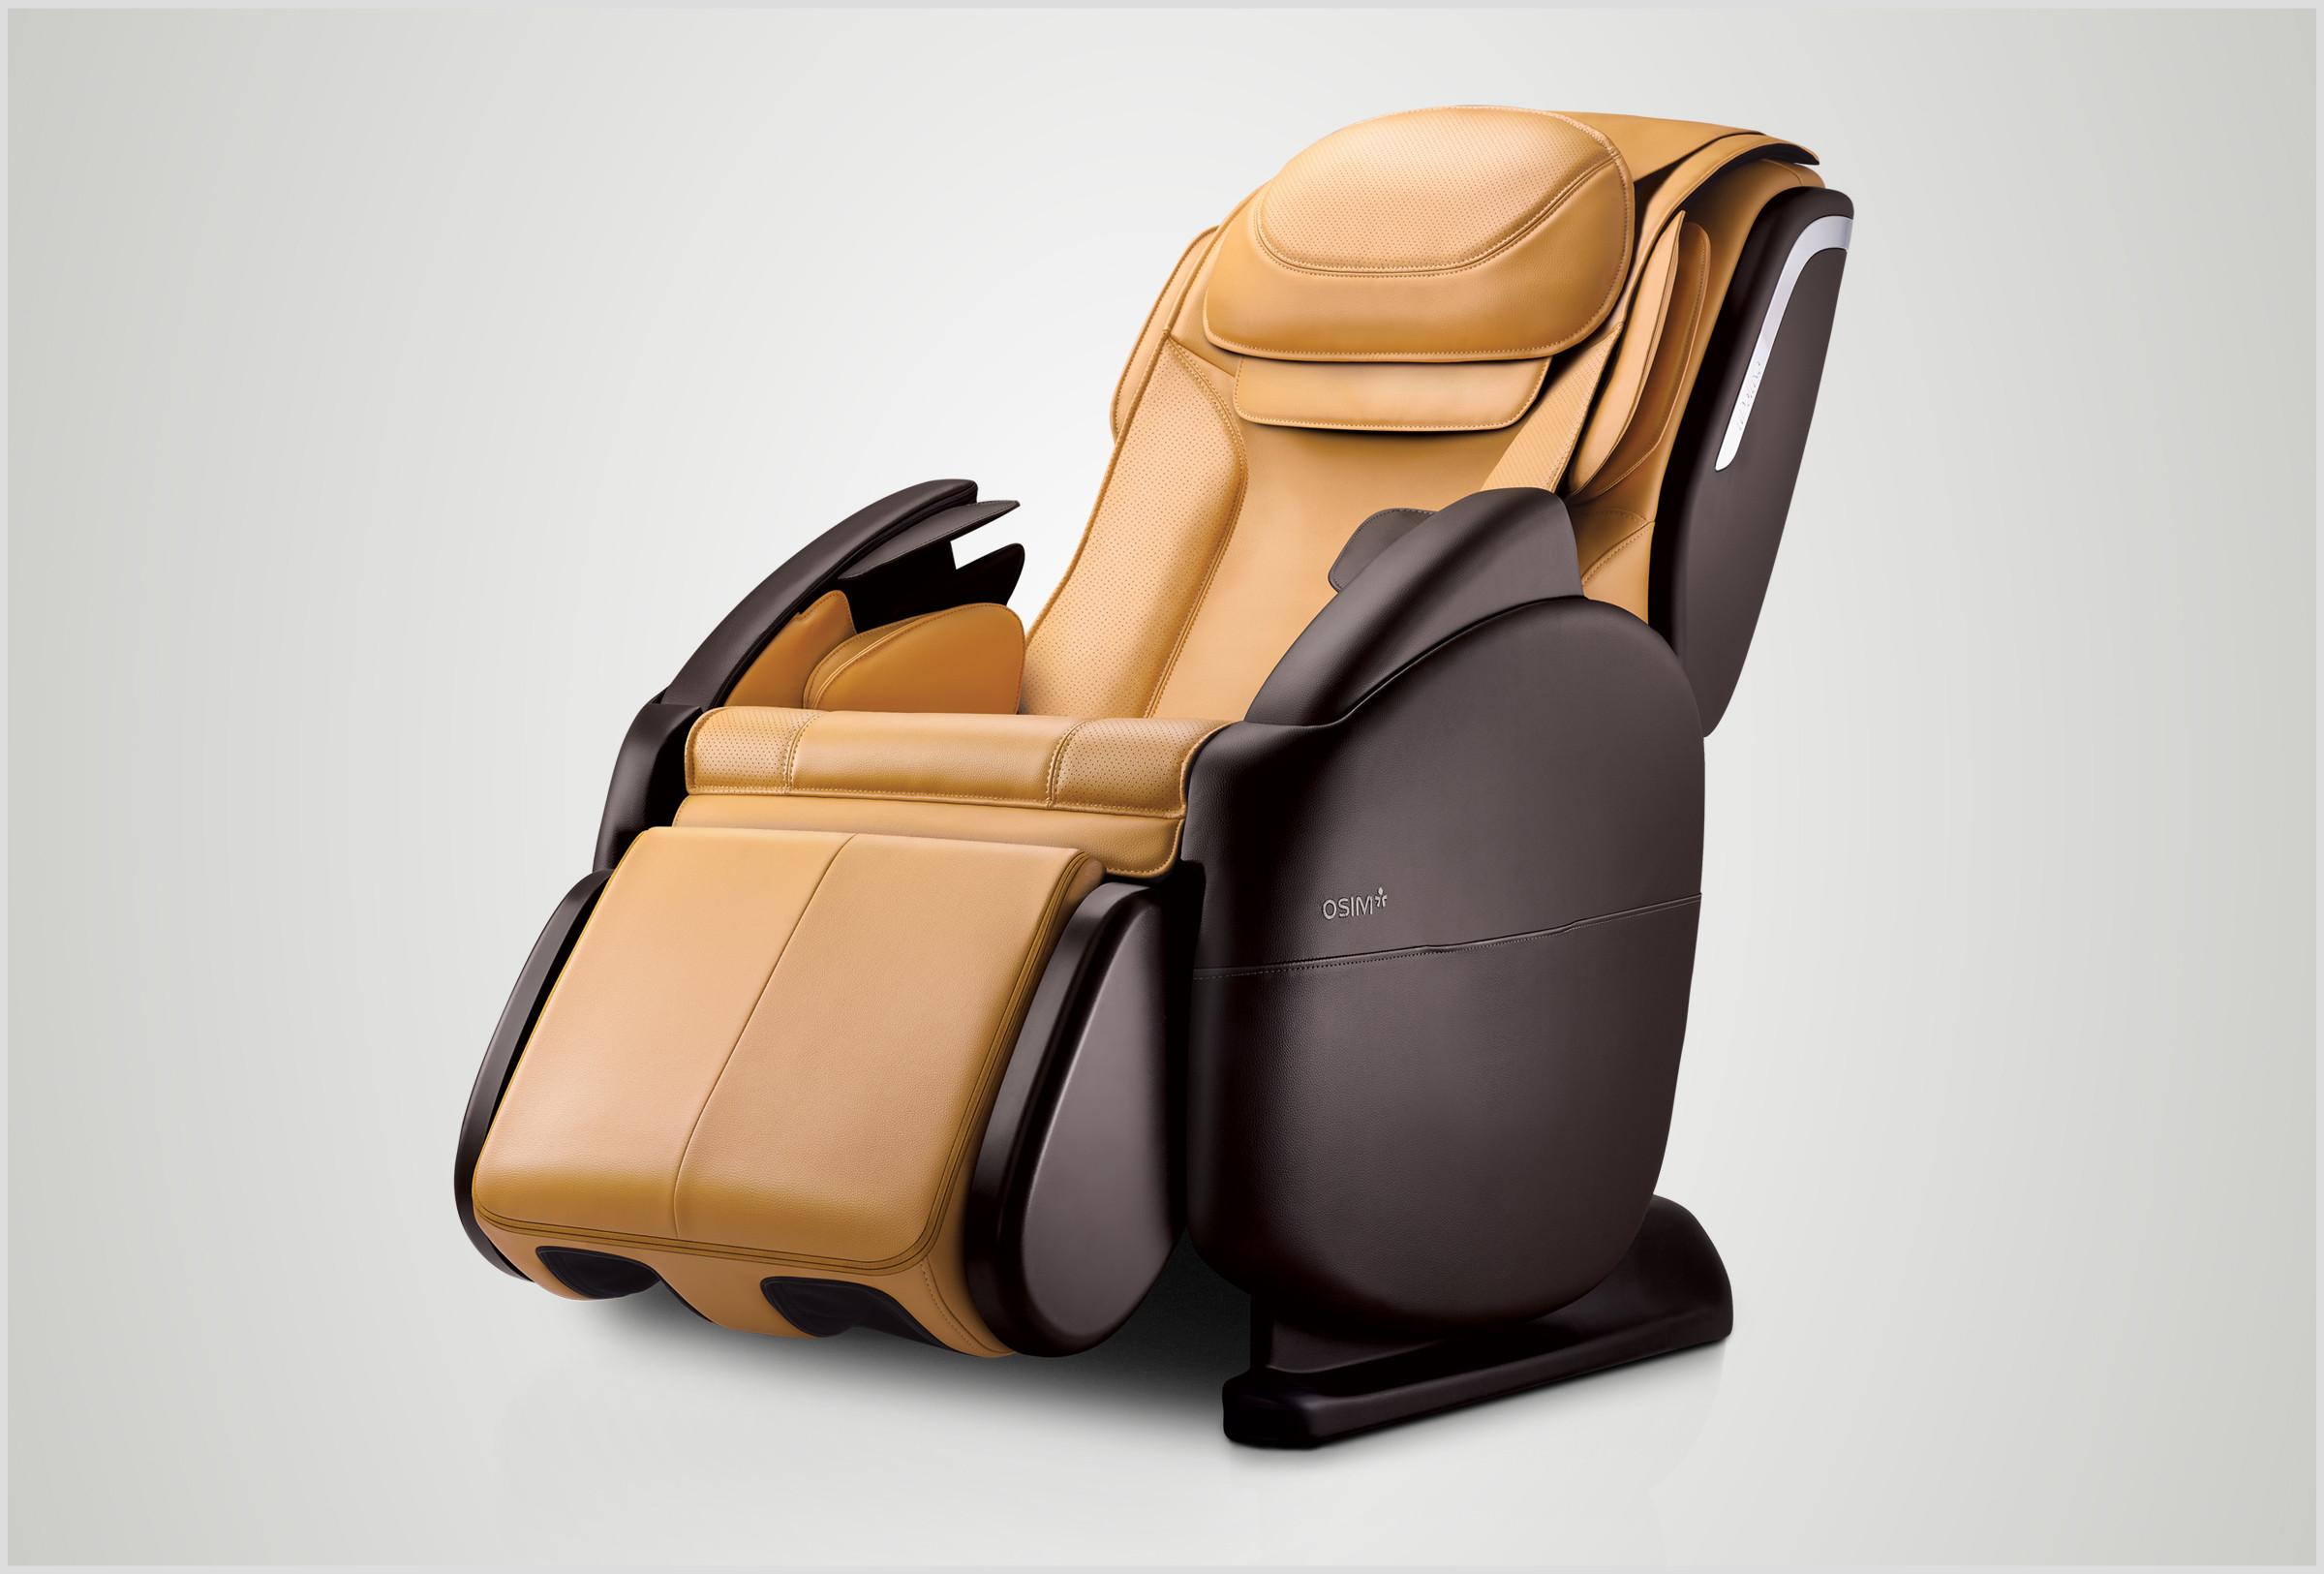 Osim massage chair price - Udeluxe Massage Chair